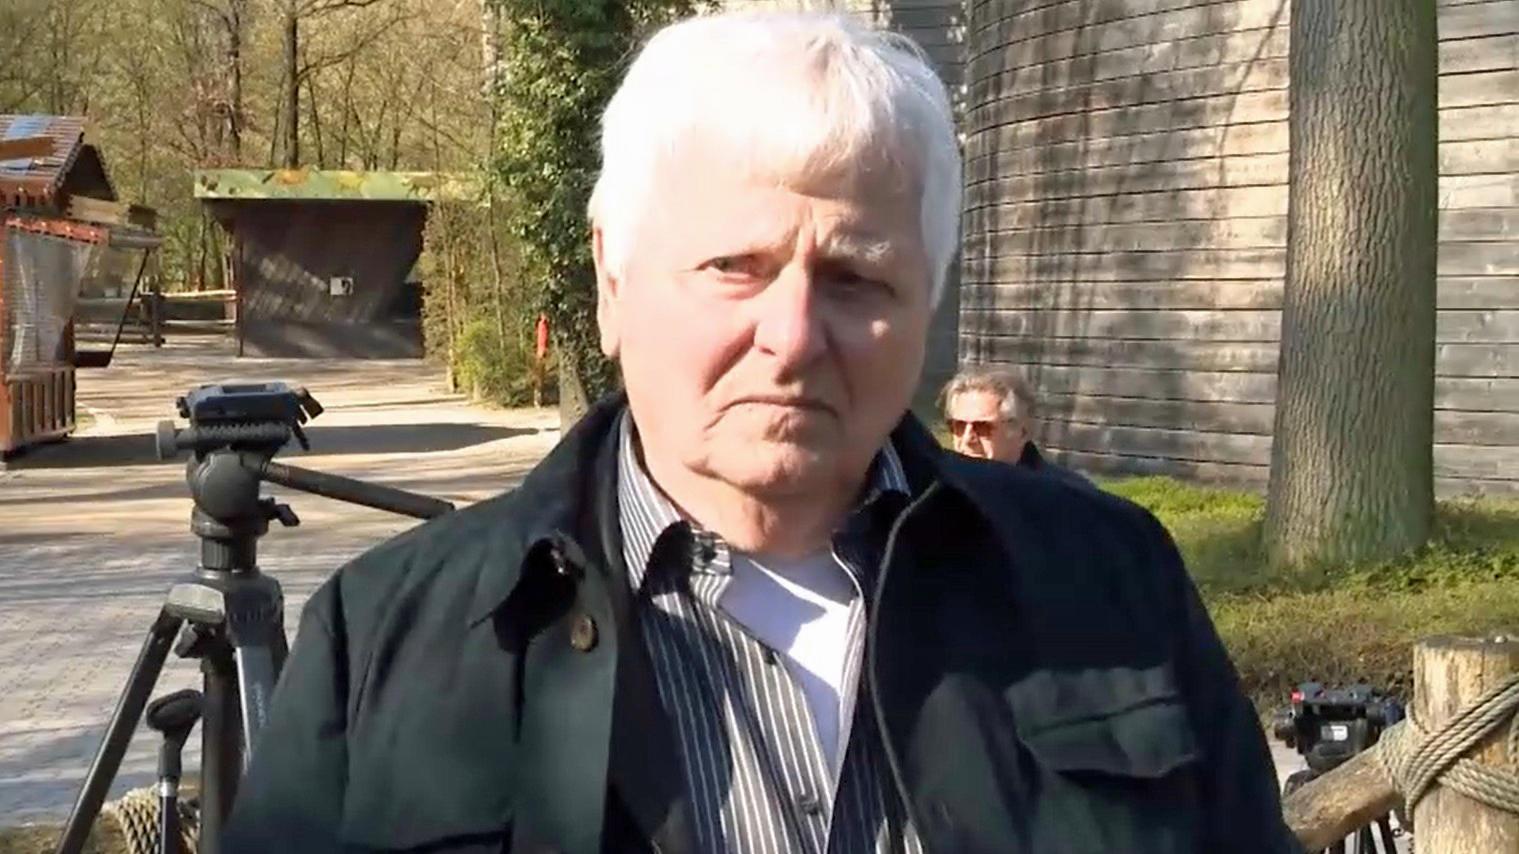 Großzügige Spende für Flutopfer: Das ist der Mann, der eine Million Euro seines Vermögens abgibt